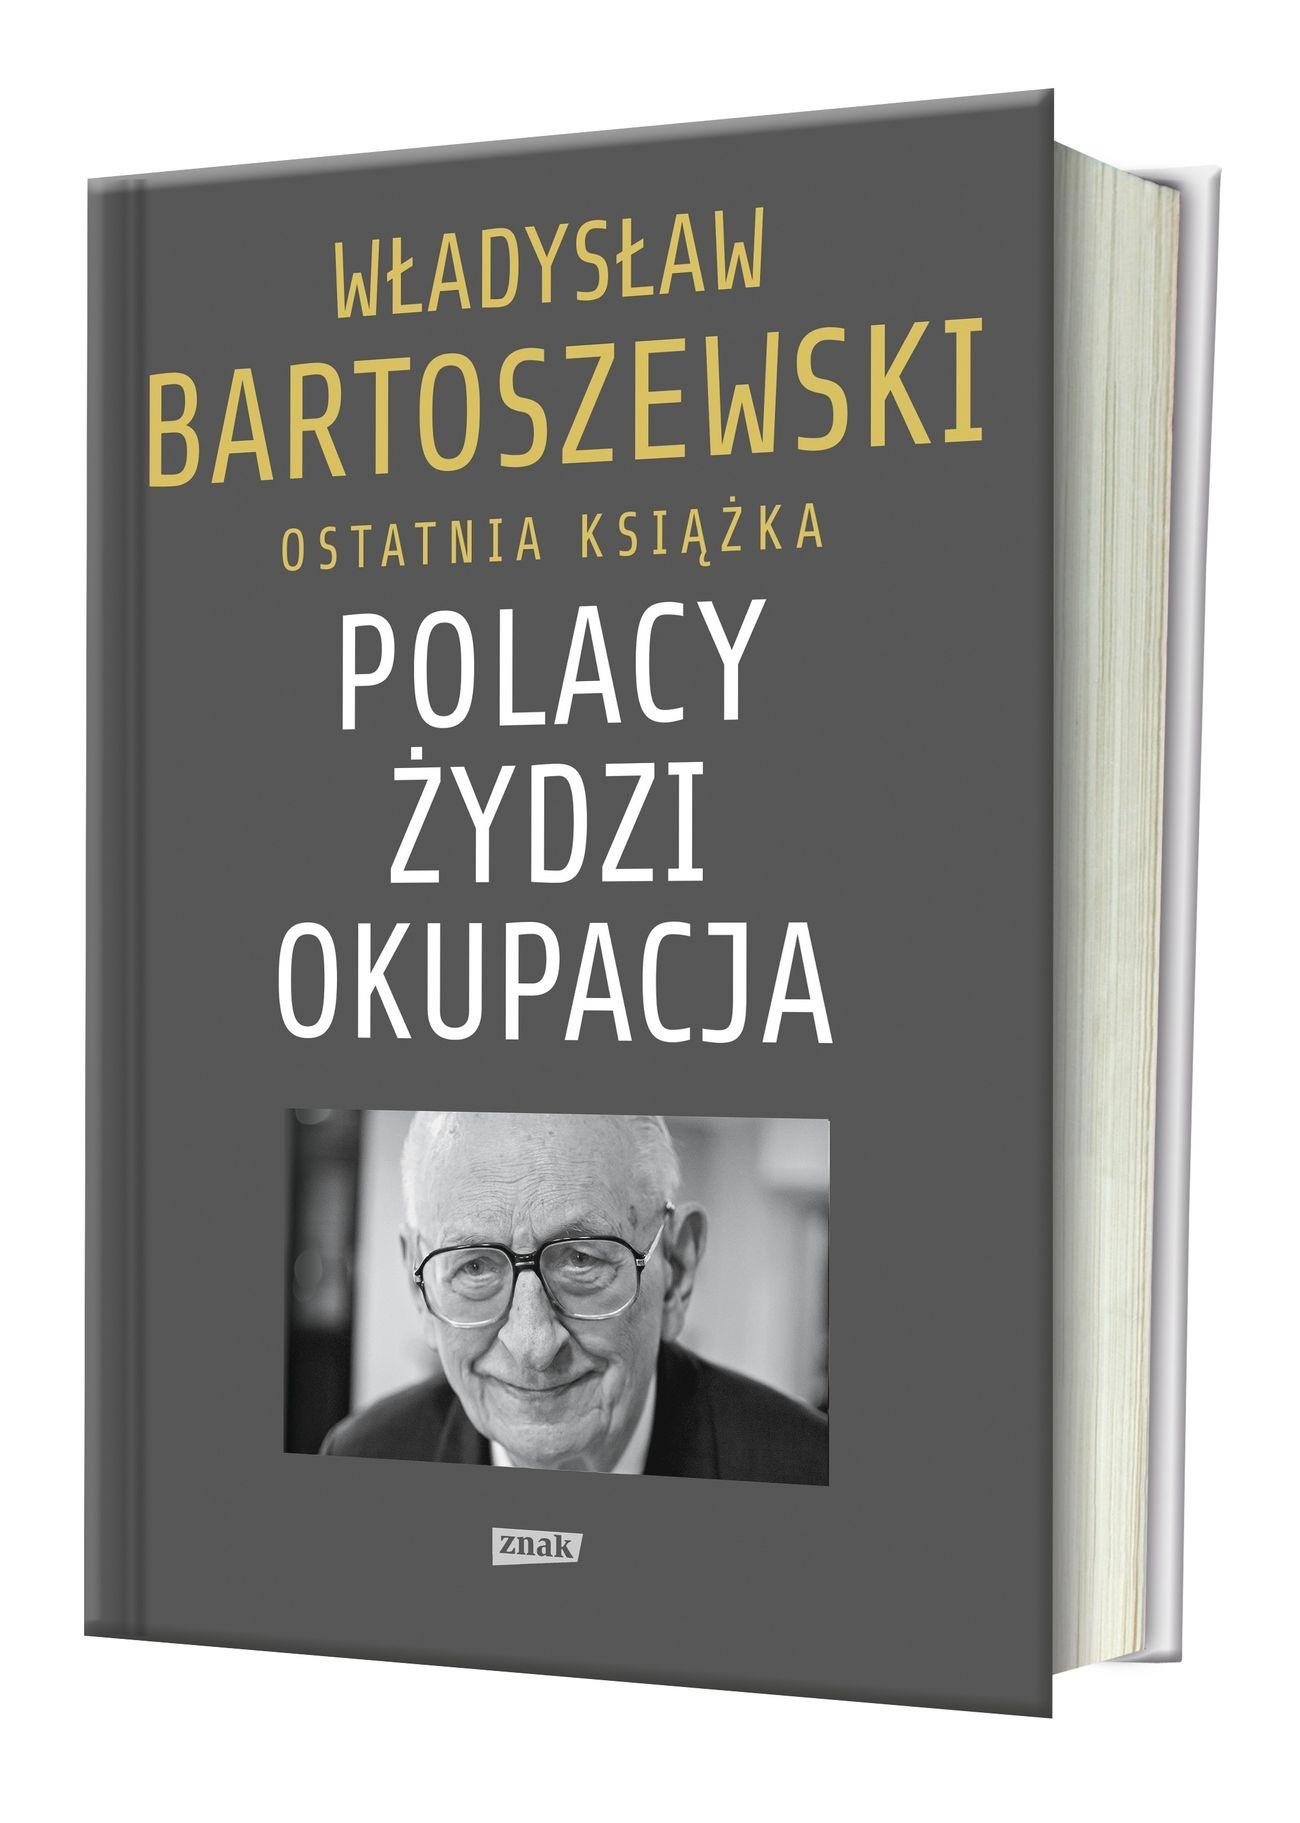 """Inspiracją do napisania artykułu była książka Władysława Bartoszewskiego """"Polacy – Żydzi – okupacja. Fakty. Postawy. Refleksje"""" (Znak Horyzont 2016)."""